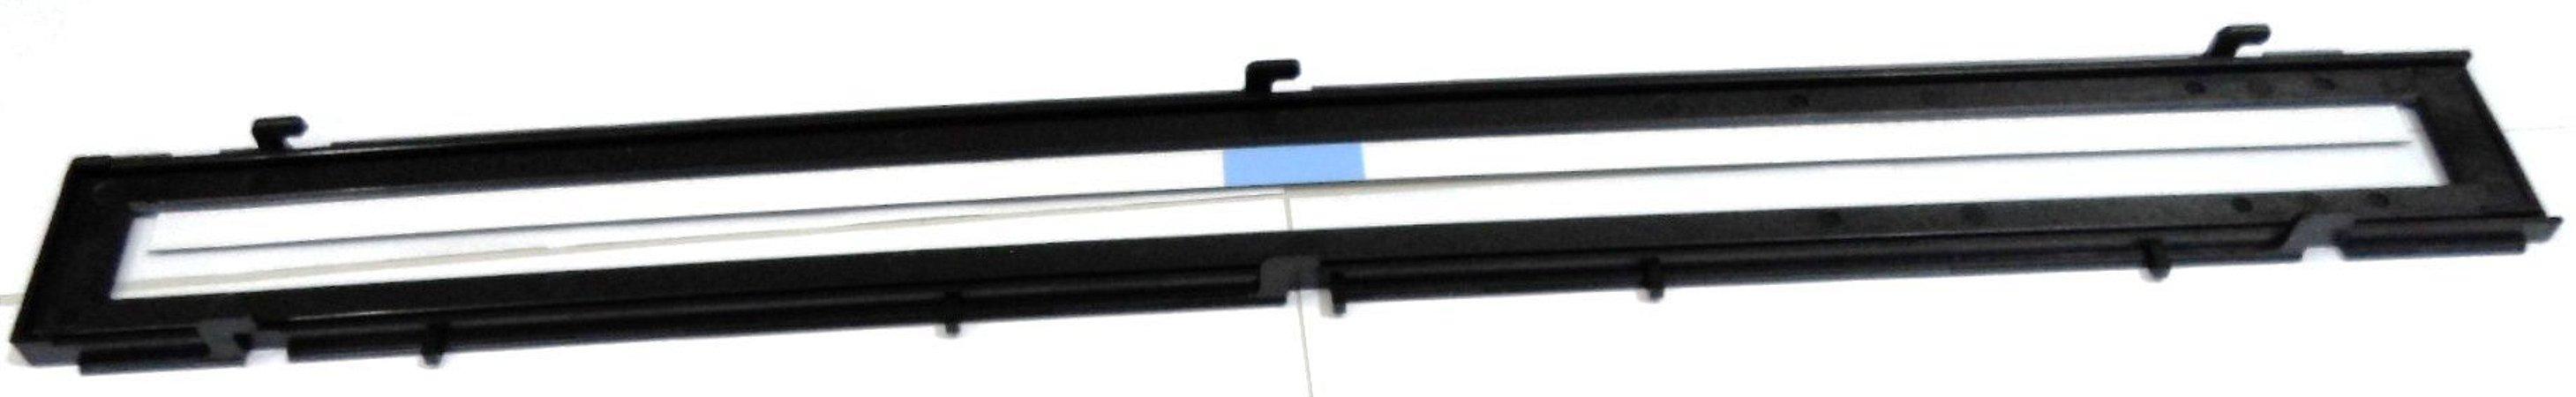 MF14605020 - Vidro Inferior - Scanner DR-6050C | DR-7550C | DR-9050C | DR-G1100 | DR-G1130